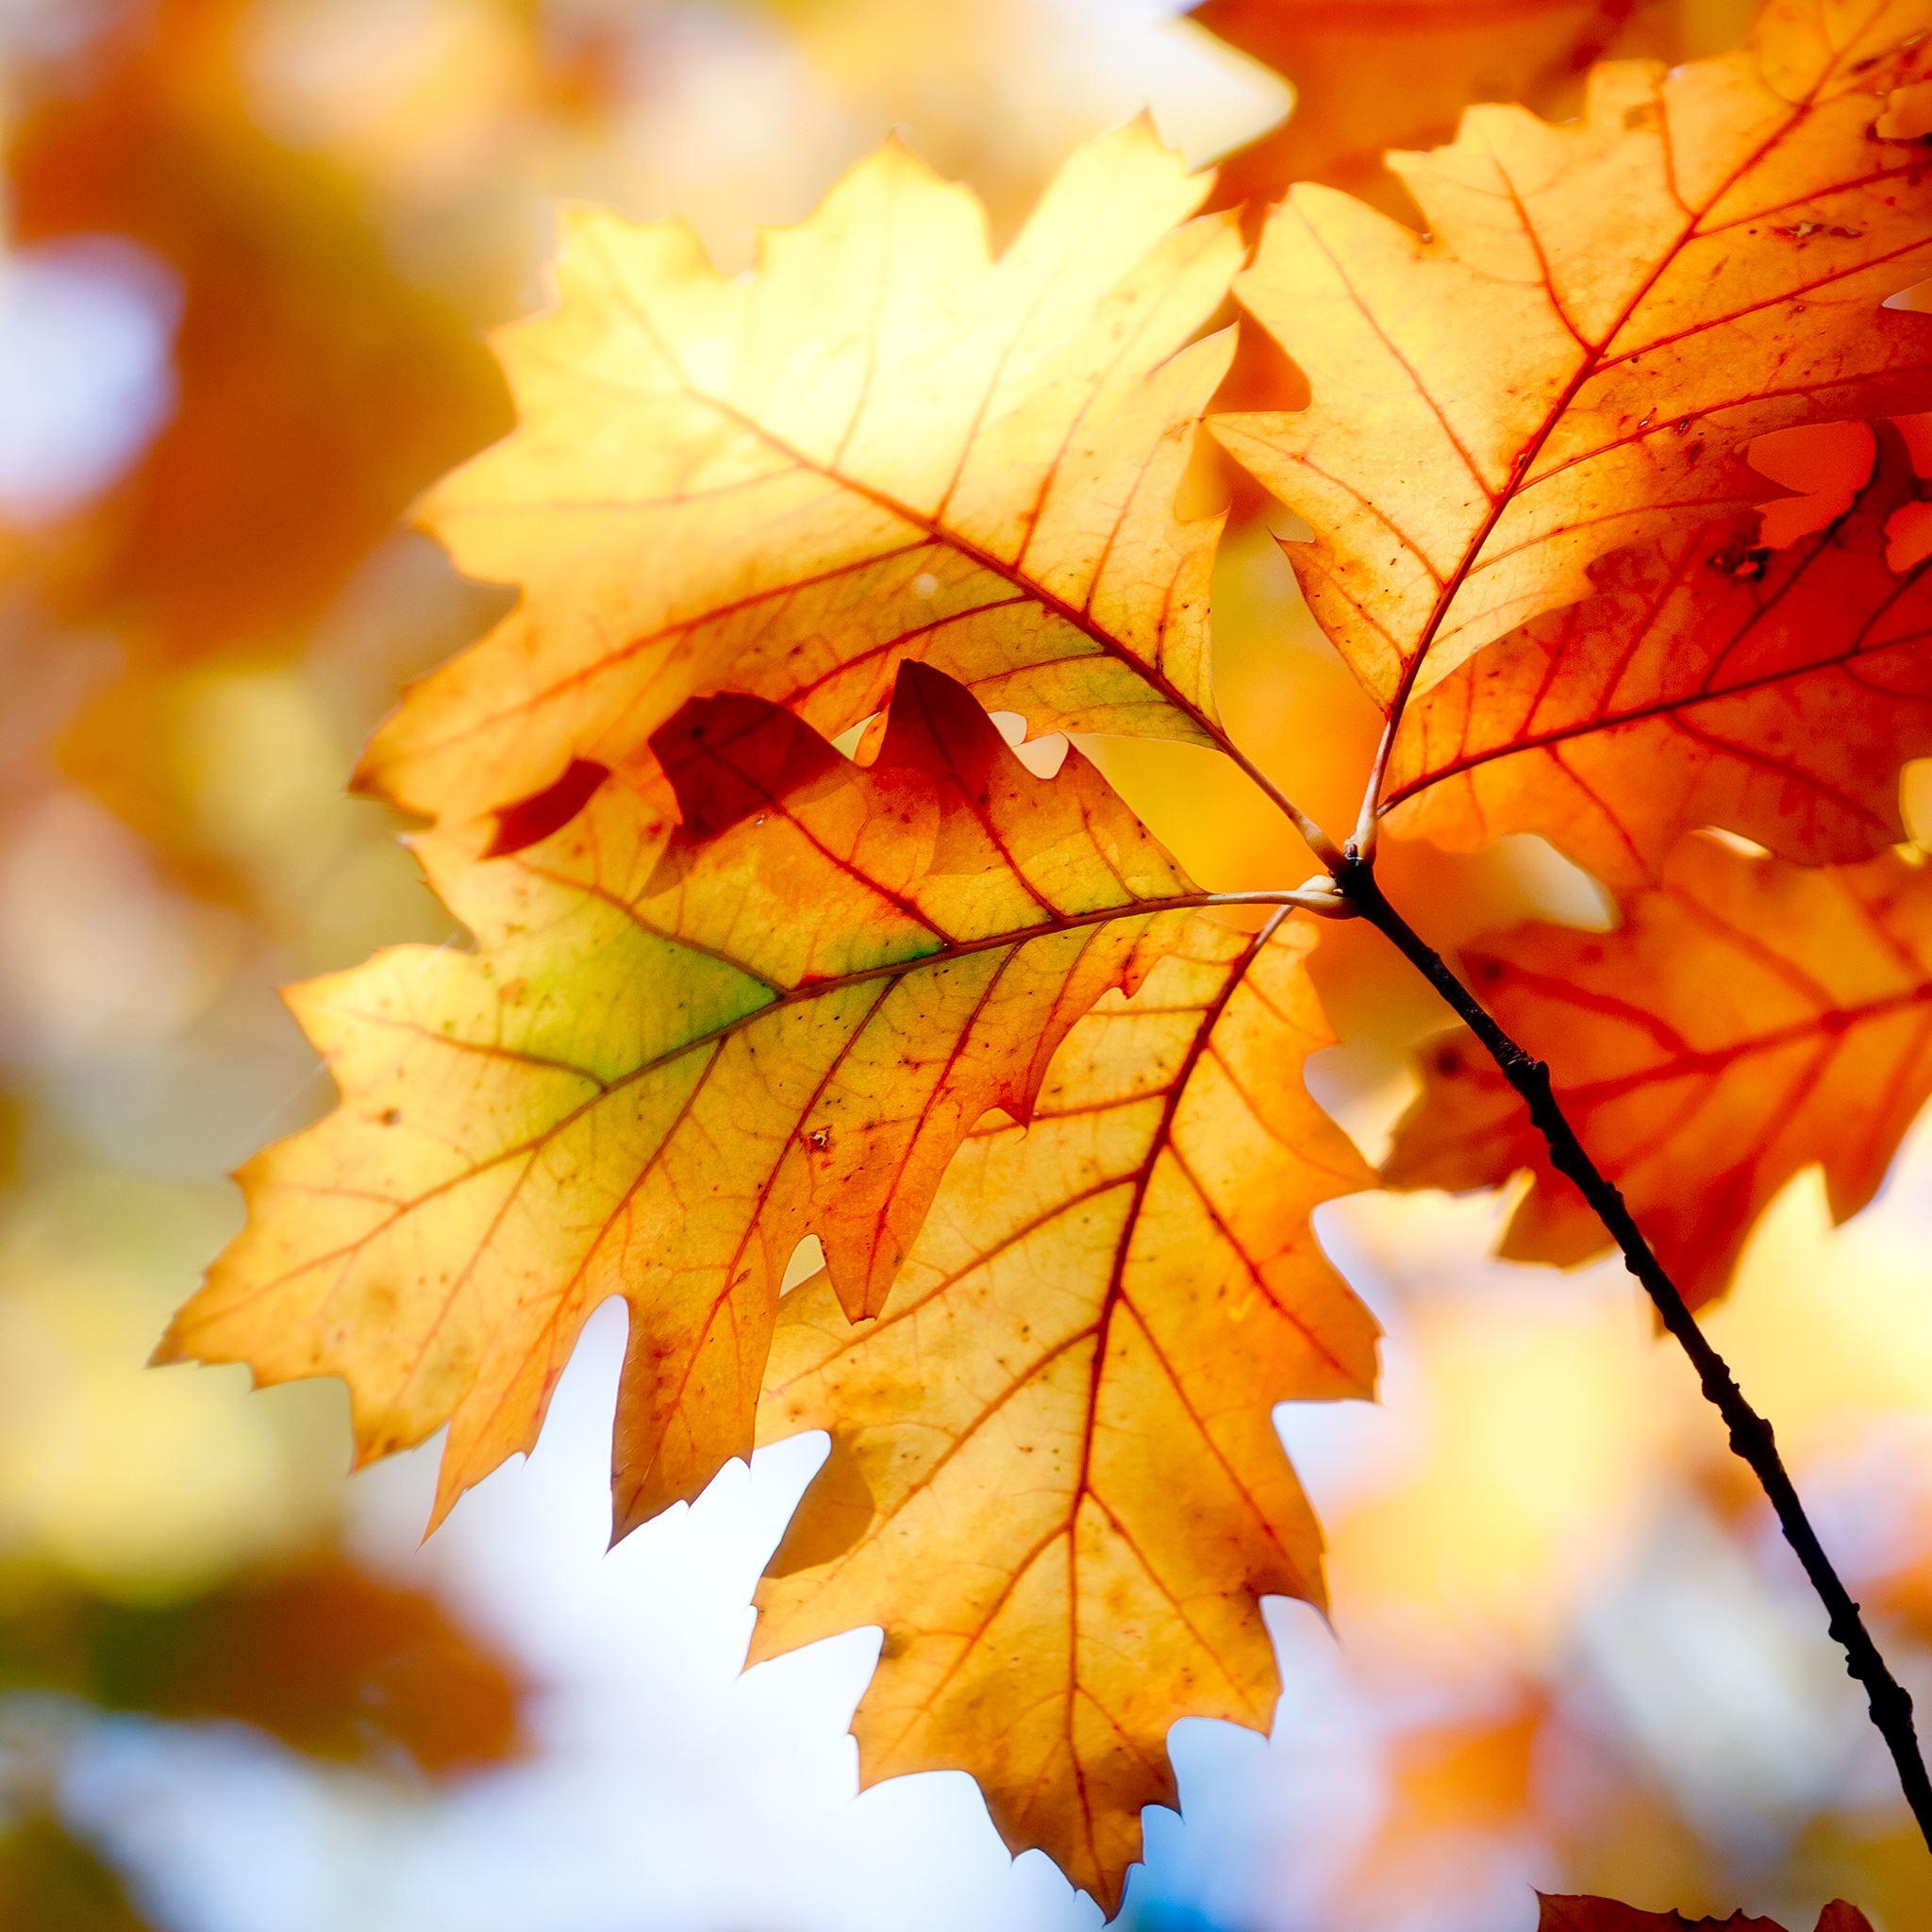 Autumn Leaf IPad Air Wallpaper